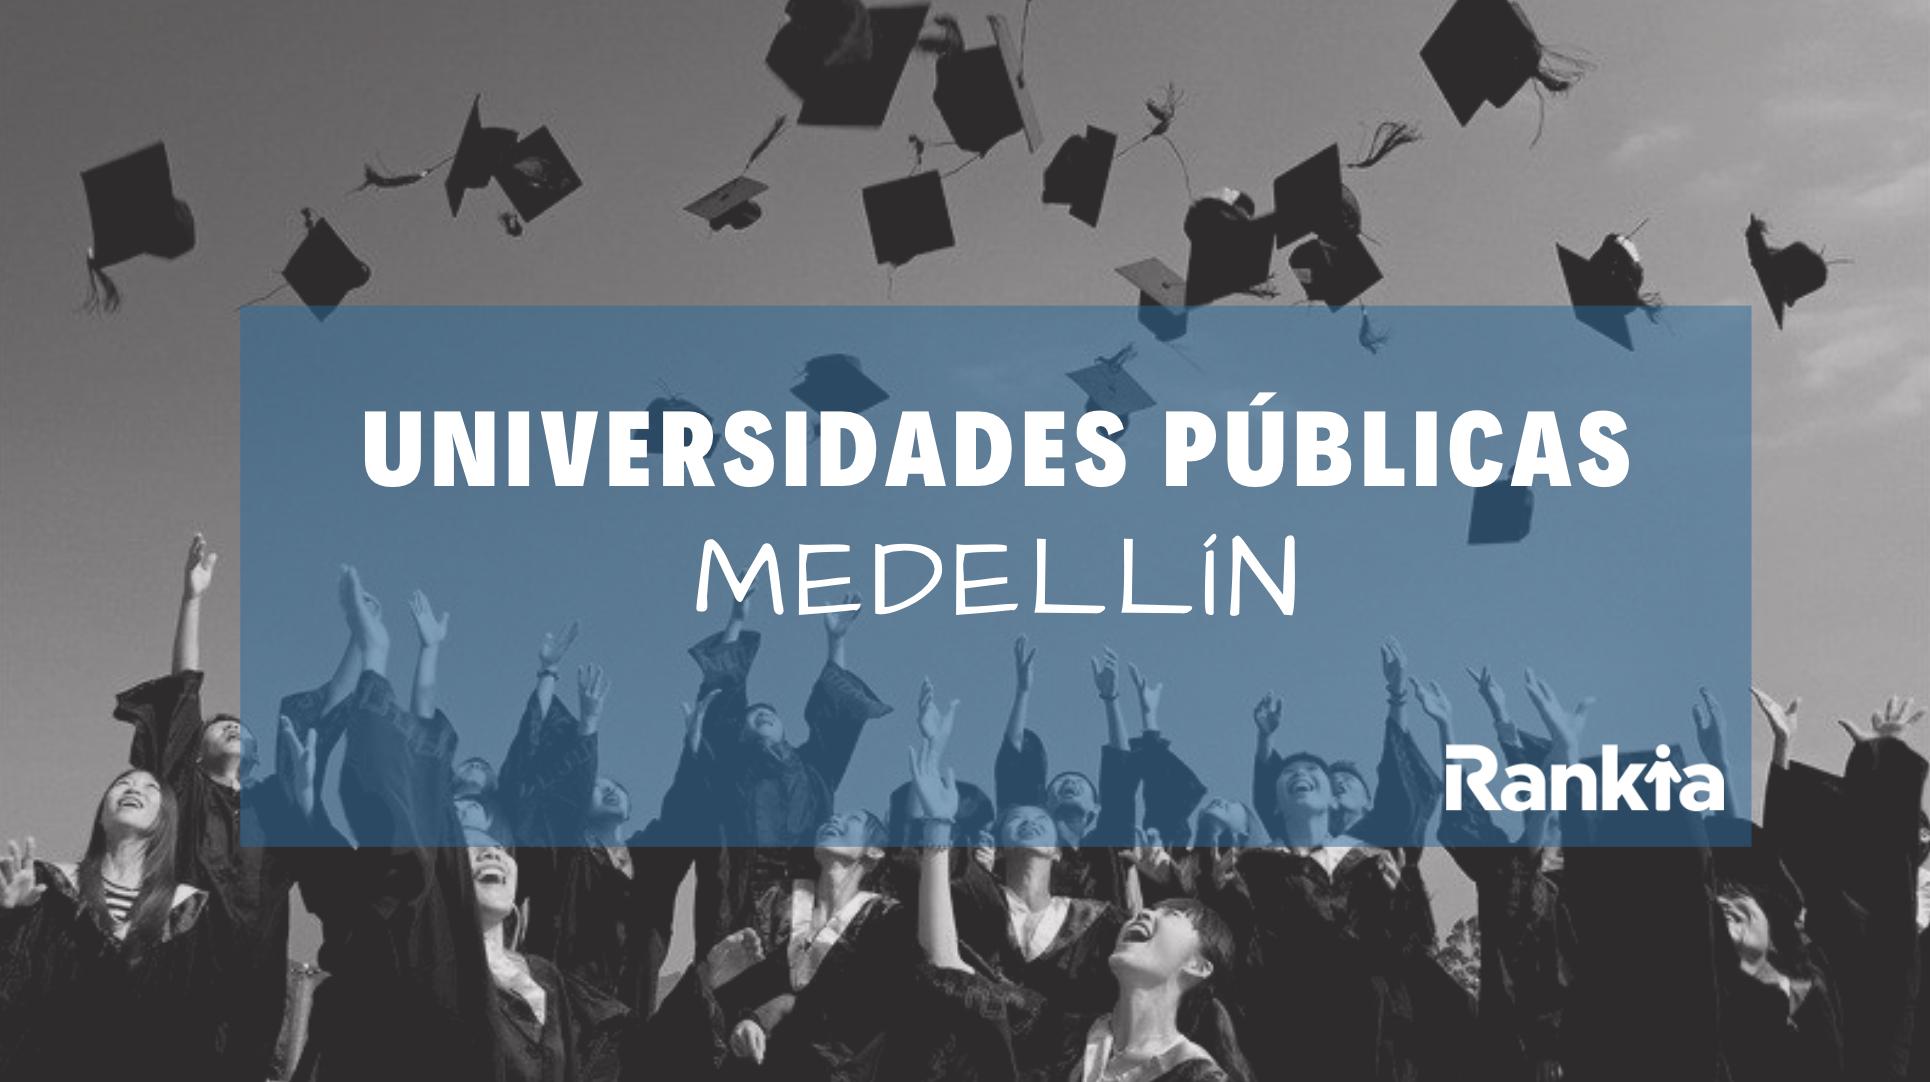 ¿Cuáles son las universidades públicas de Medellín?